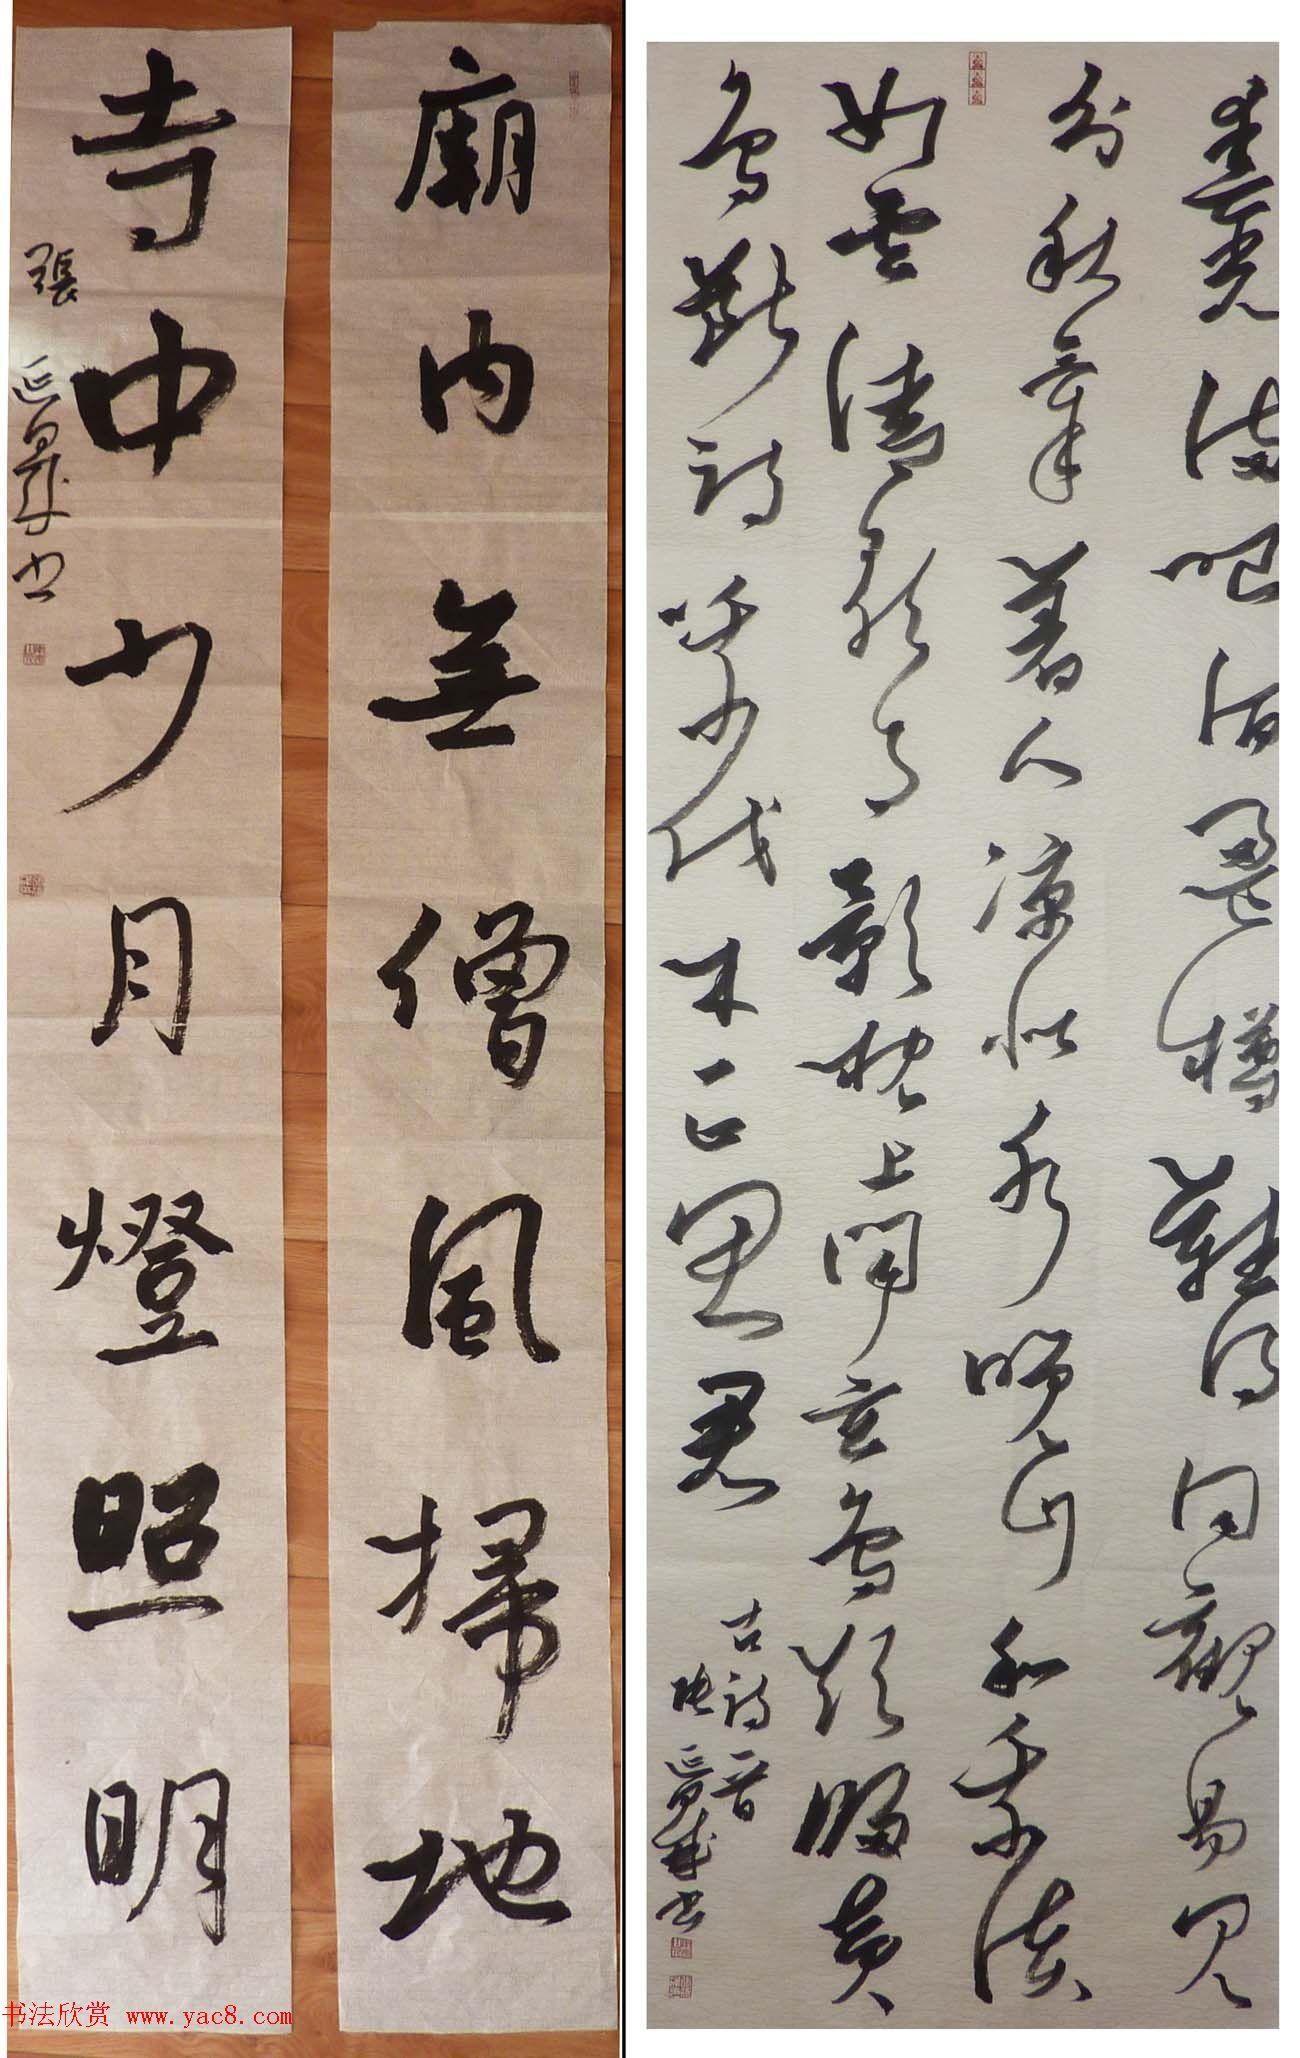 来稿选刊_张延晟行草书法作品条幅与对联